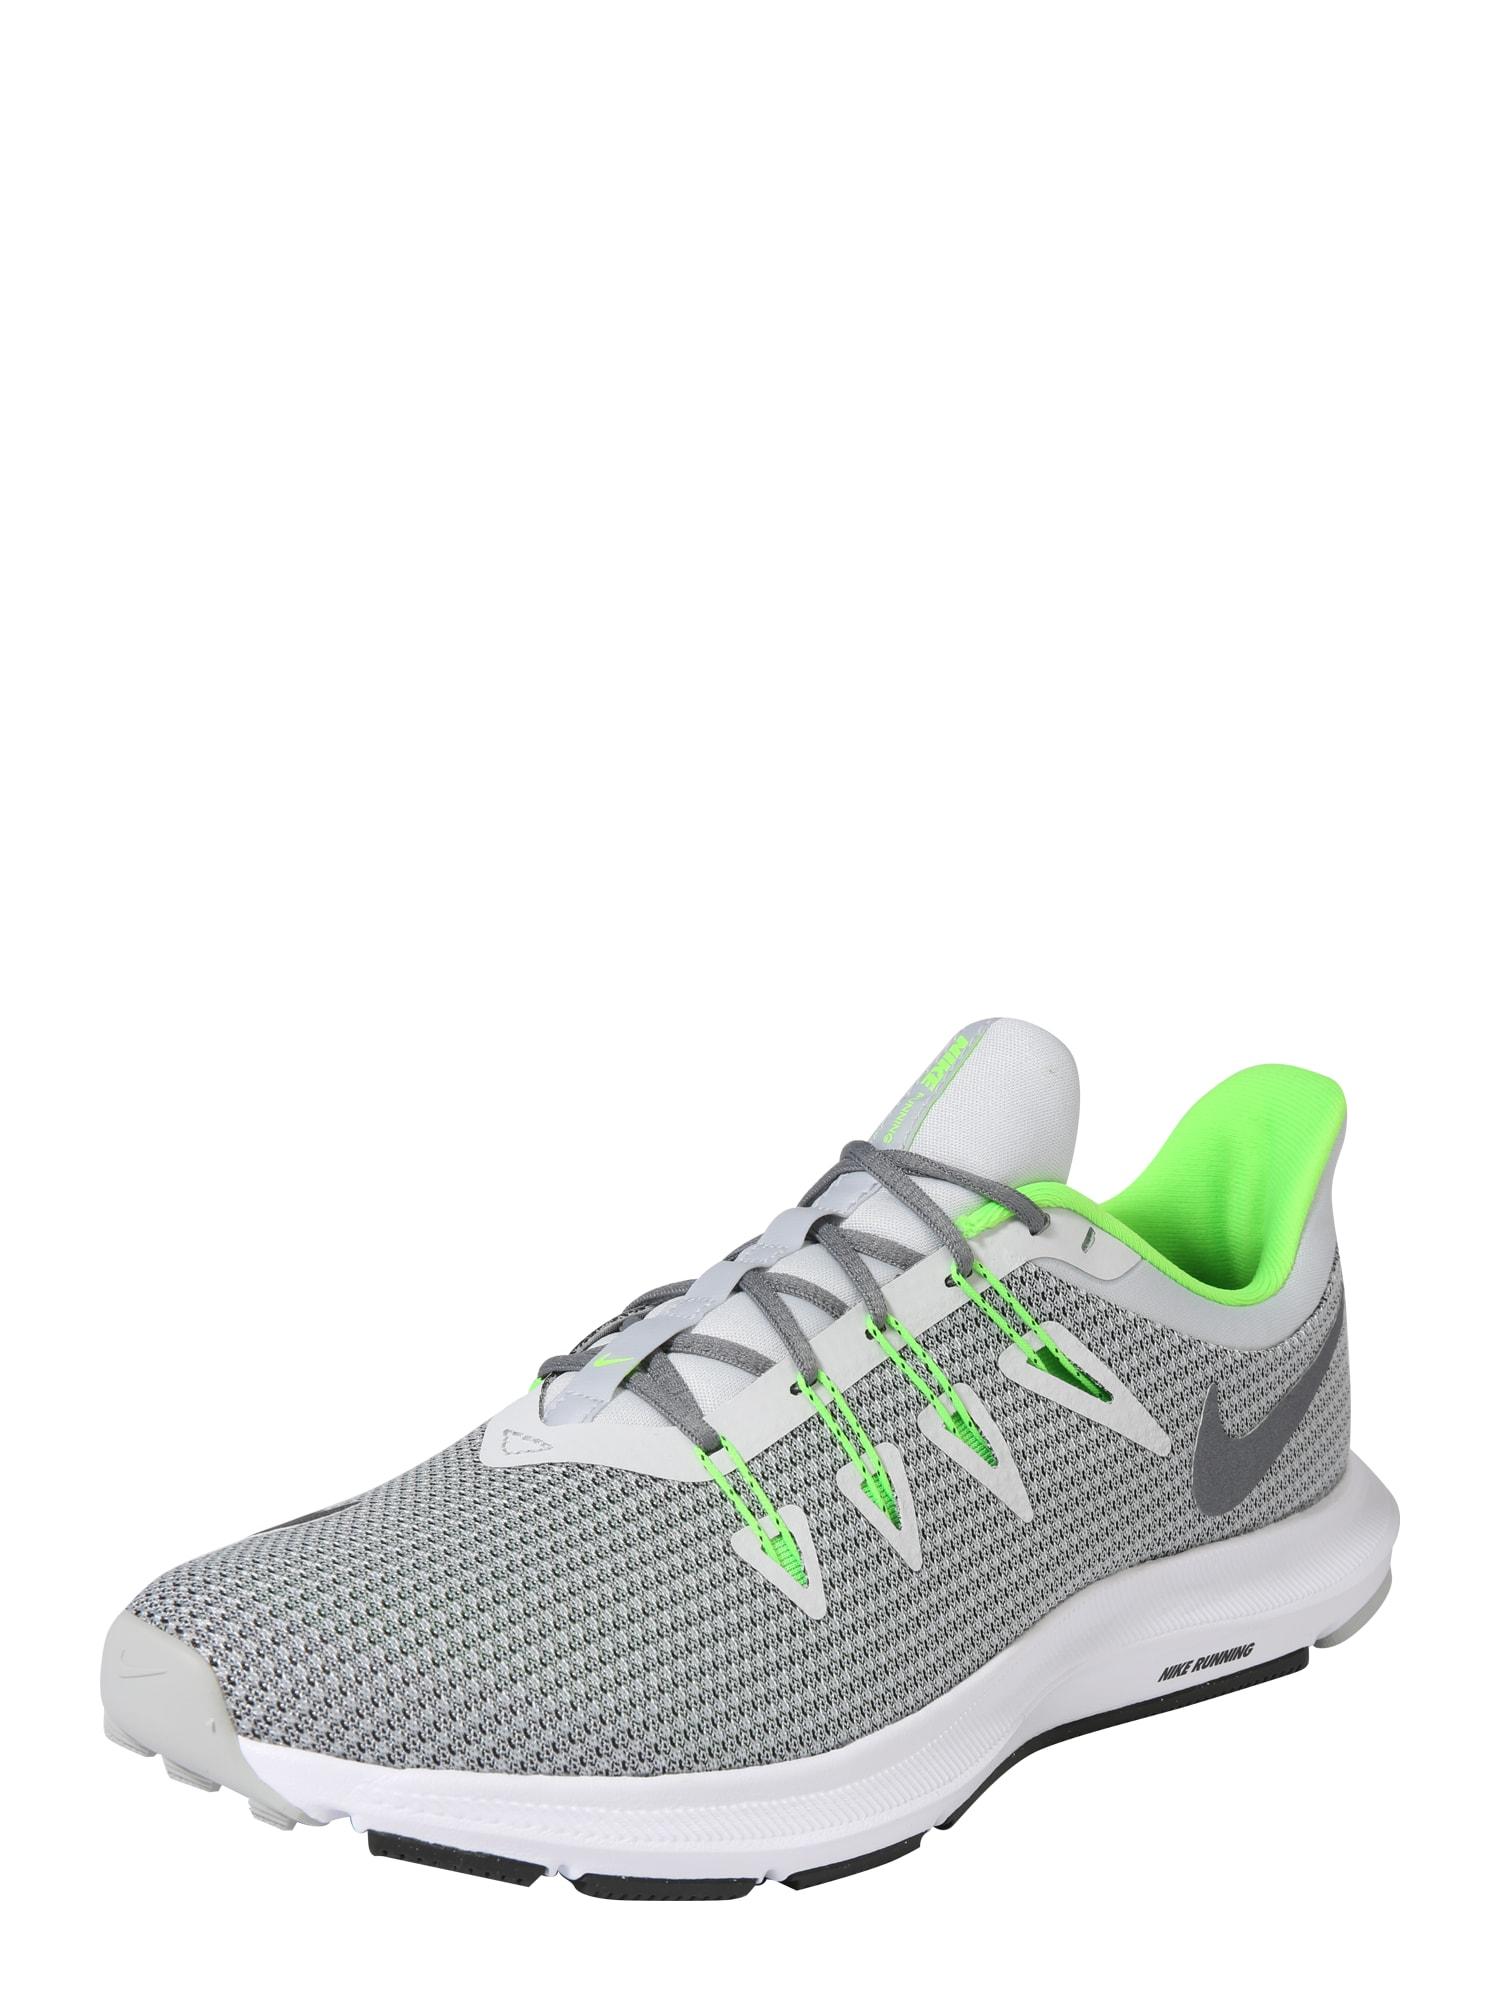 Běžecká obuv QUEST šedá limetková NIKE